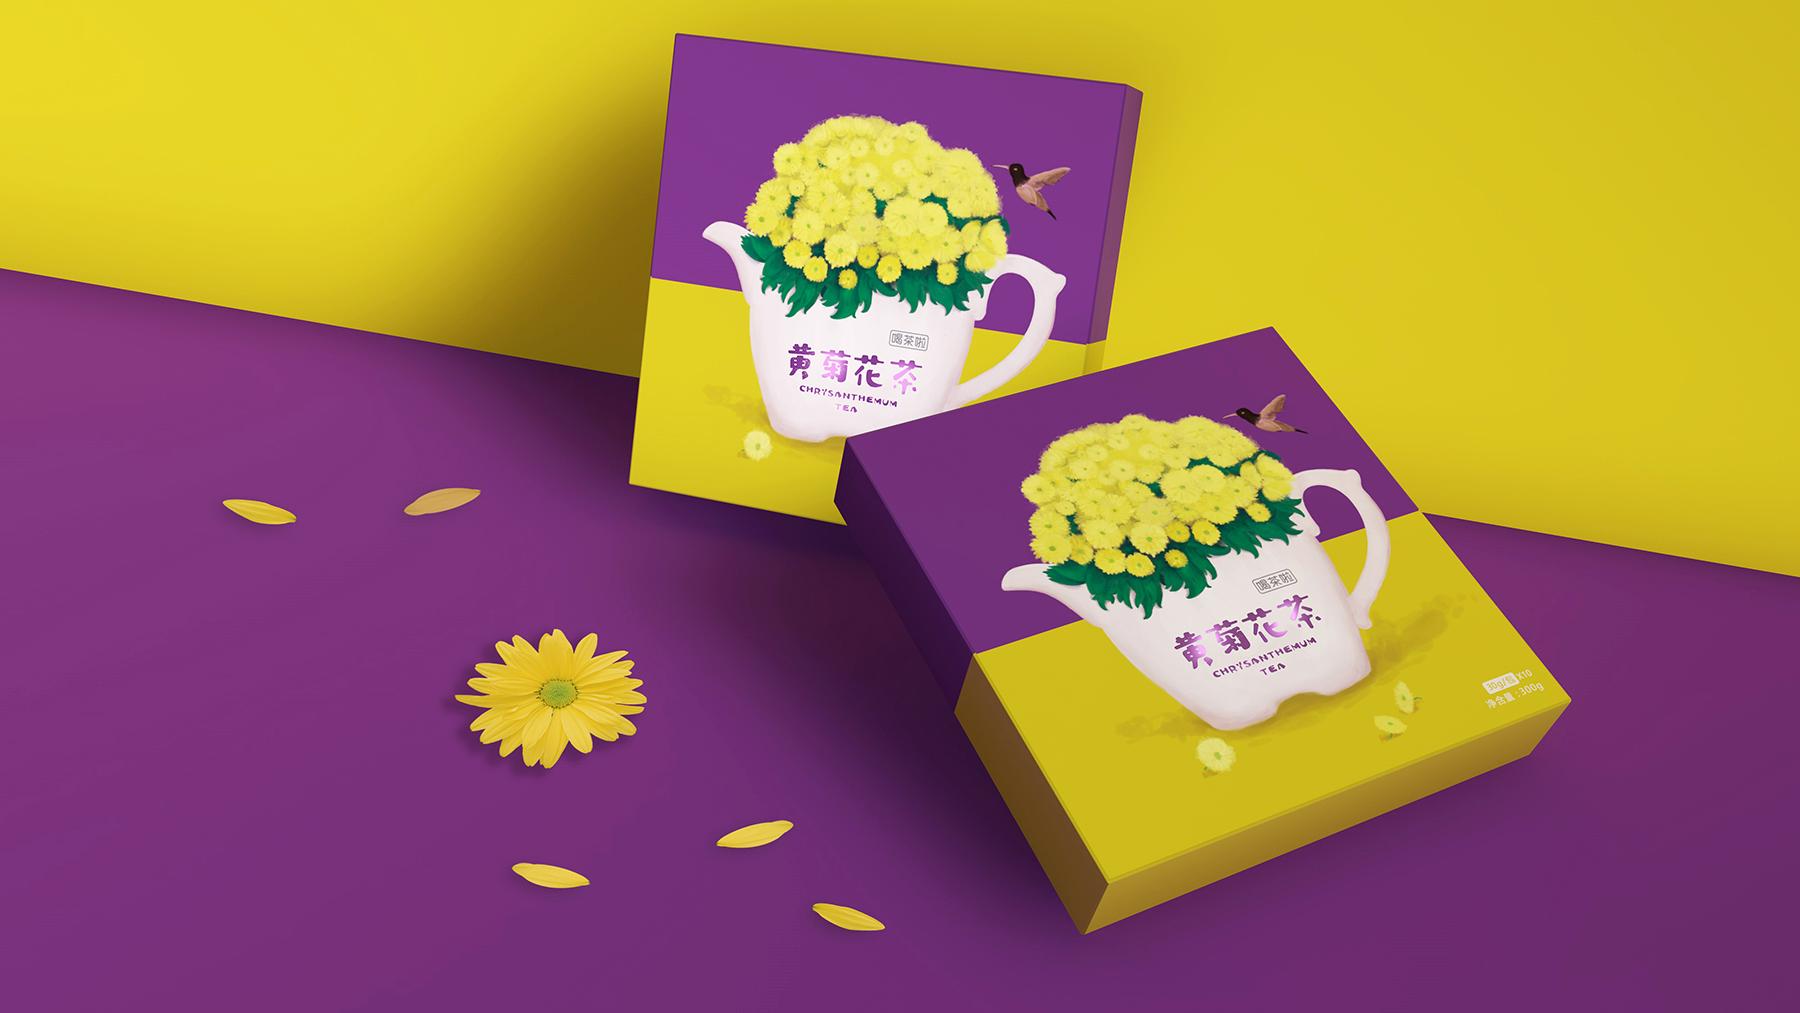 西安茶叶包装设计理念